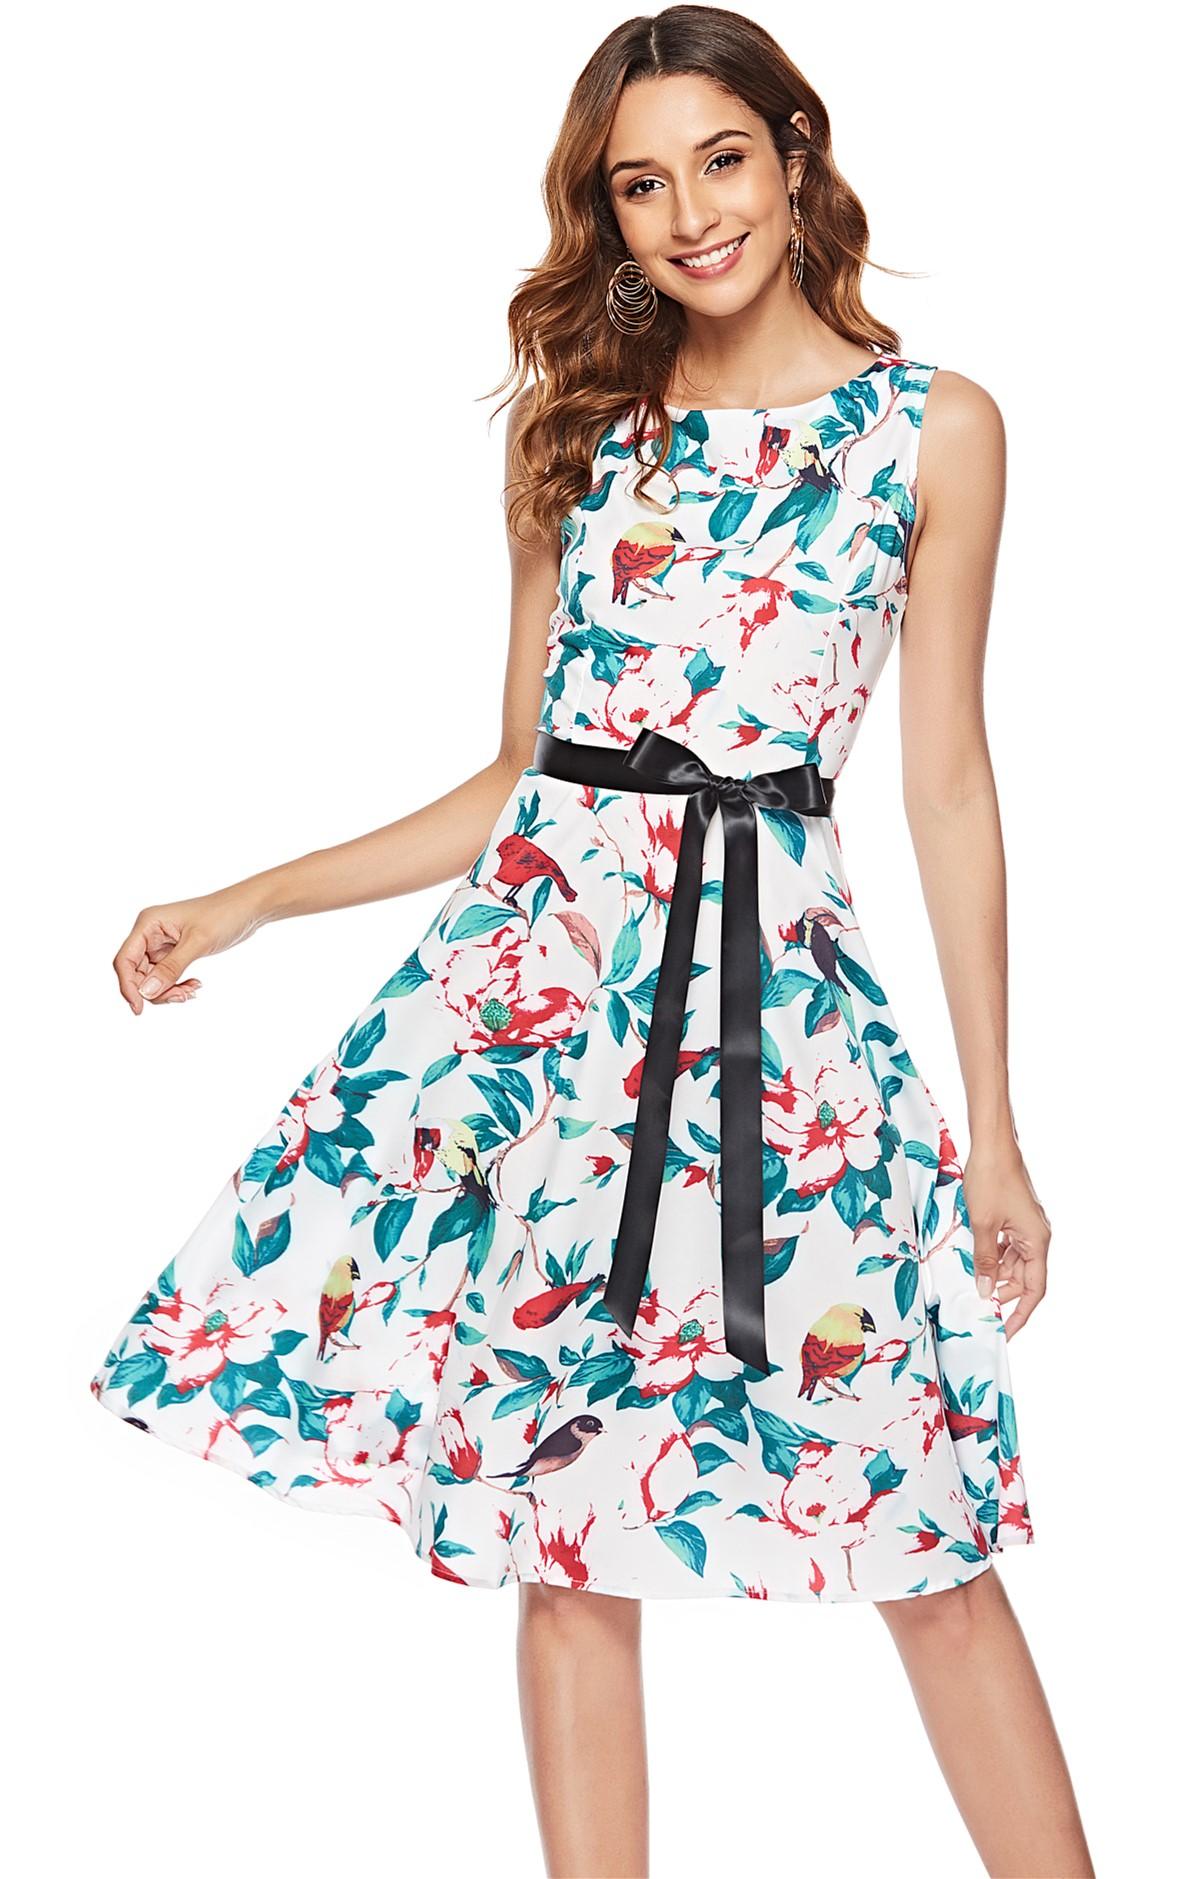 实拍 ebay速卖通亚马逊爆款复古赫本风S50收腰大摆裙连衣裙1068